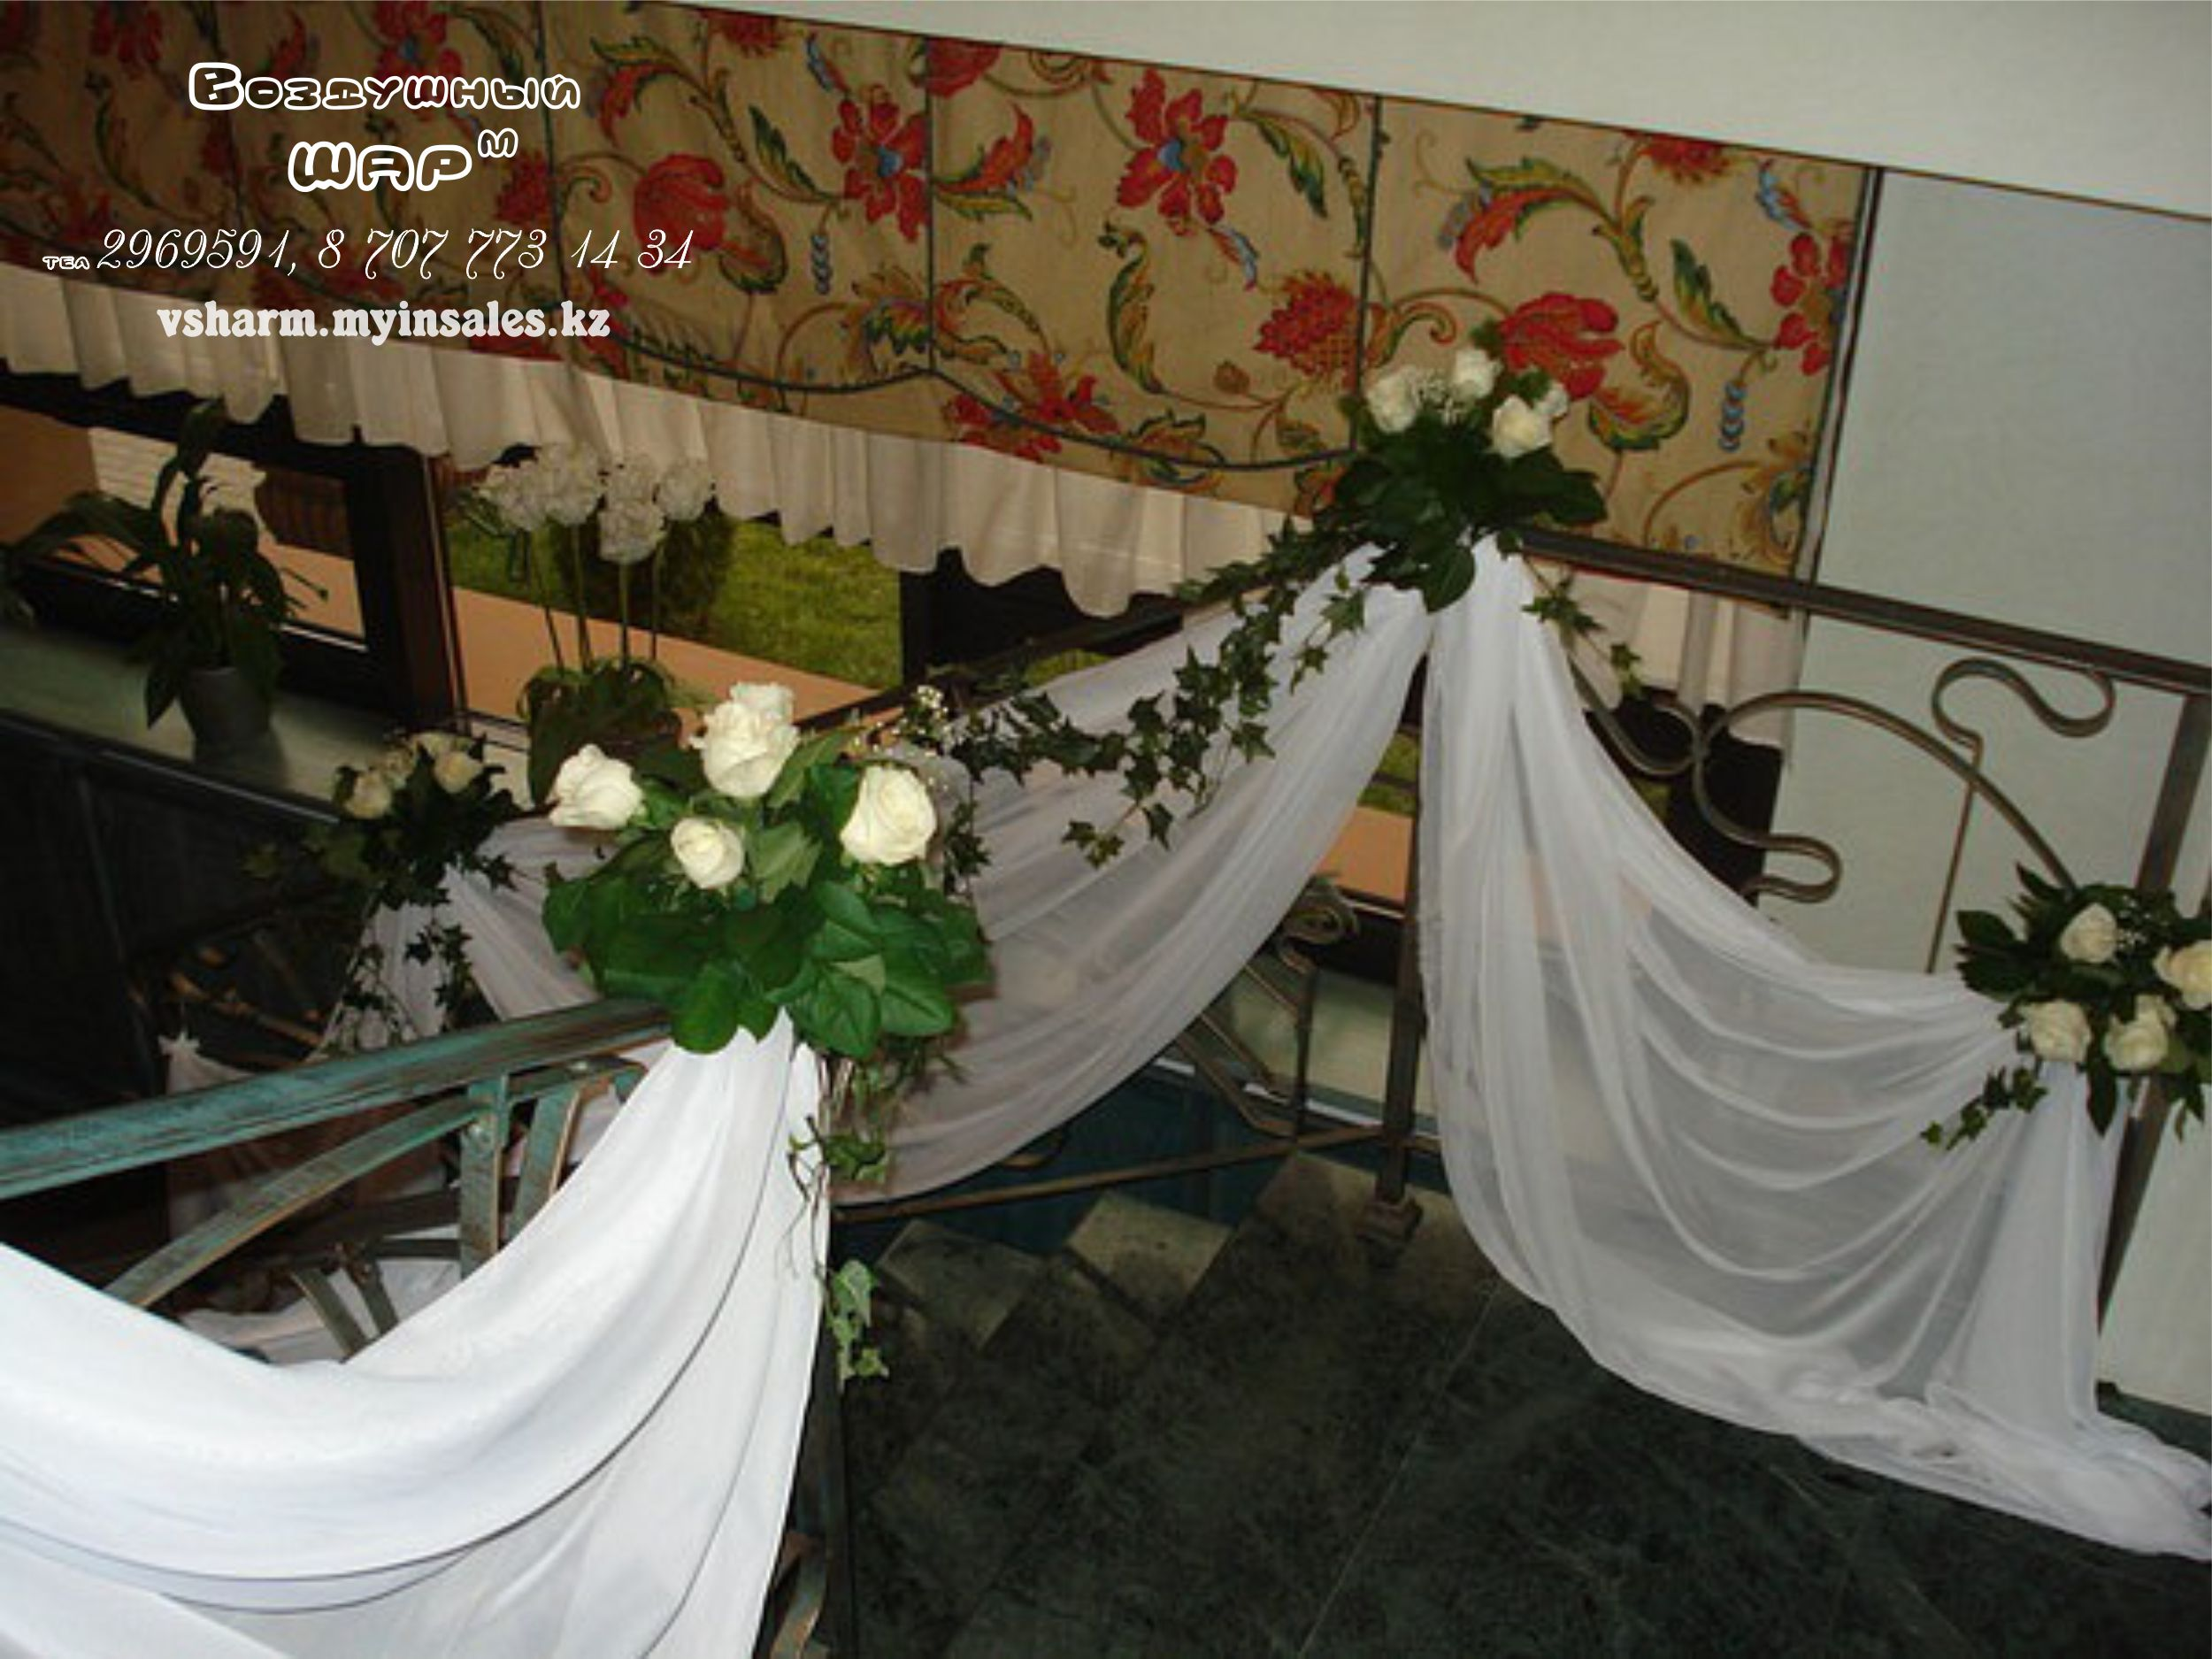 Оформление_лестницы_тканью_и_цветами.jpg